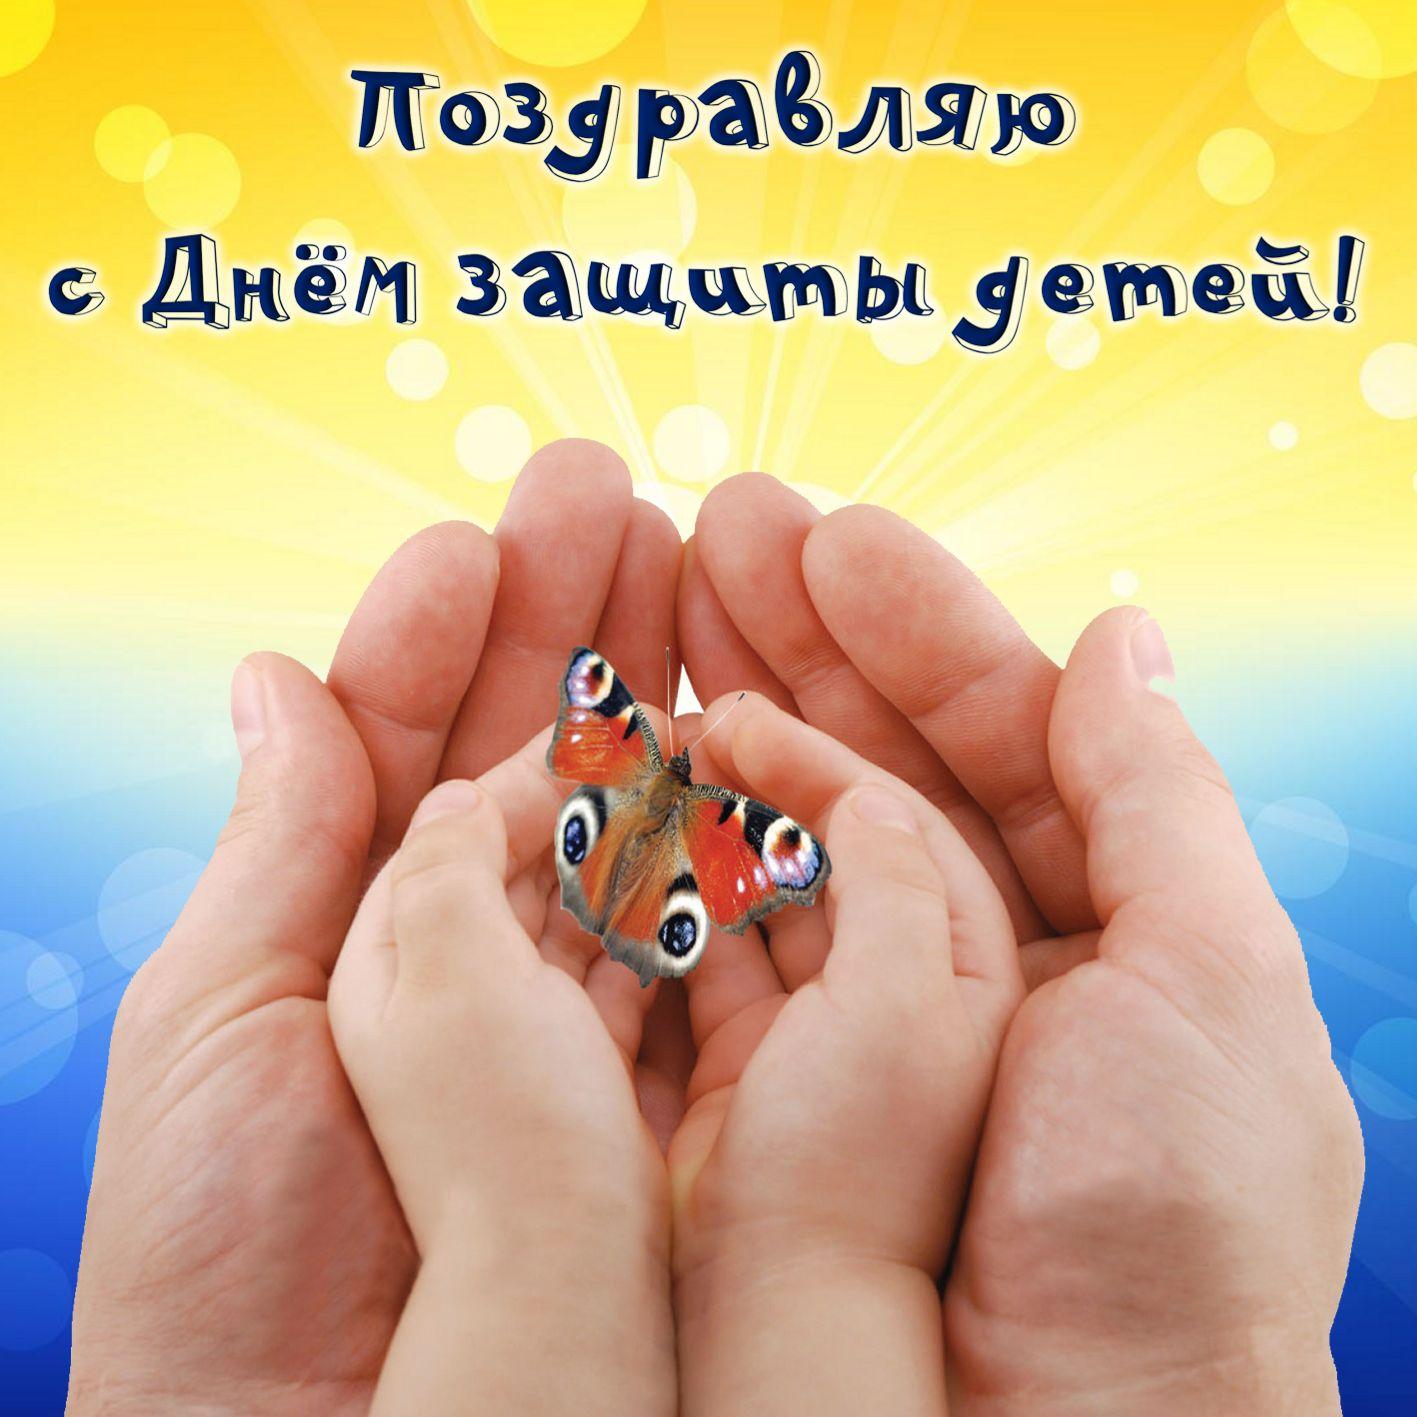 Открытка на День защиты детей - бабочка в мужских и детских ладонях